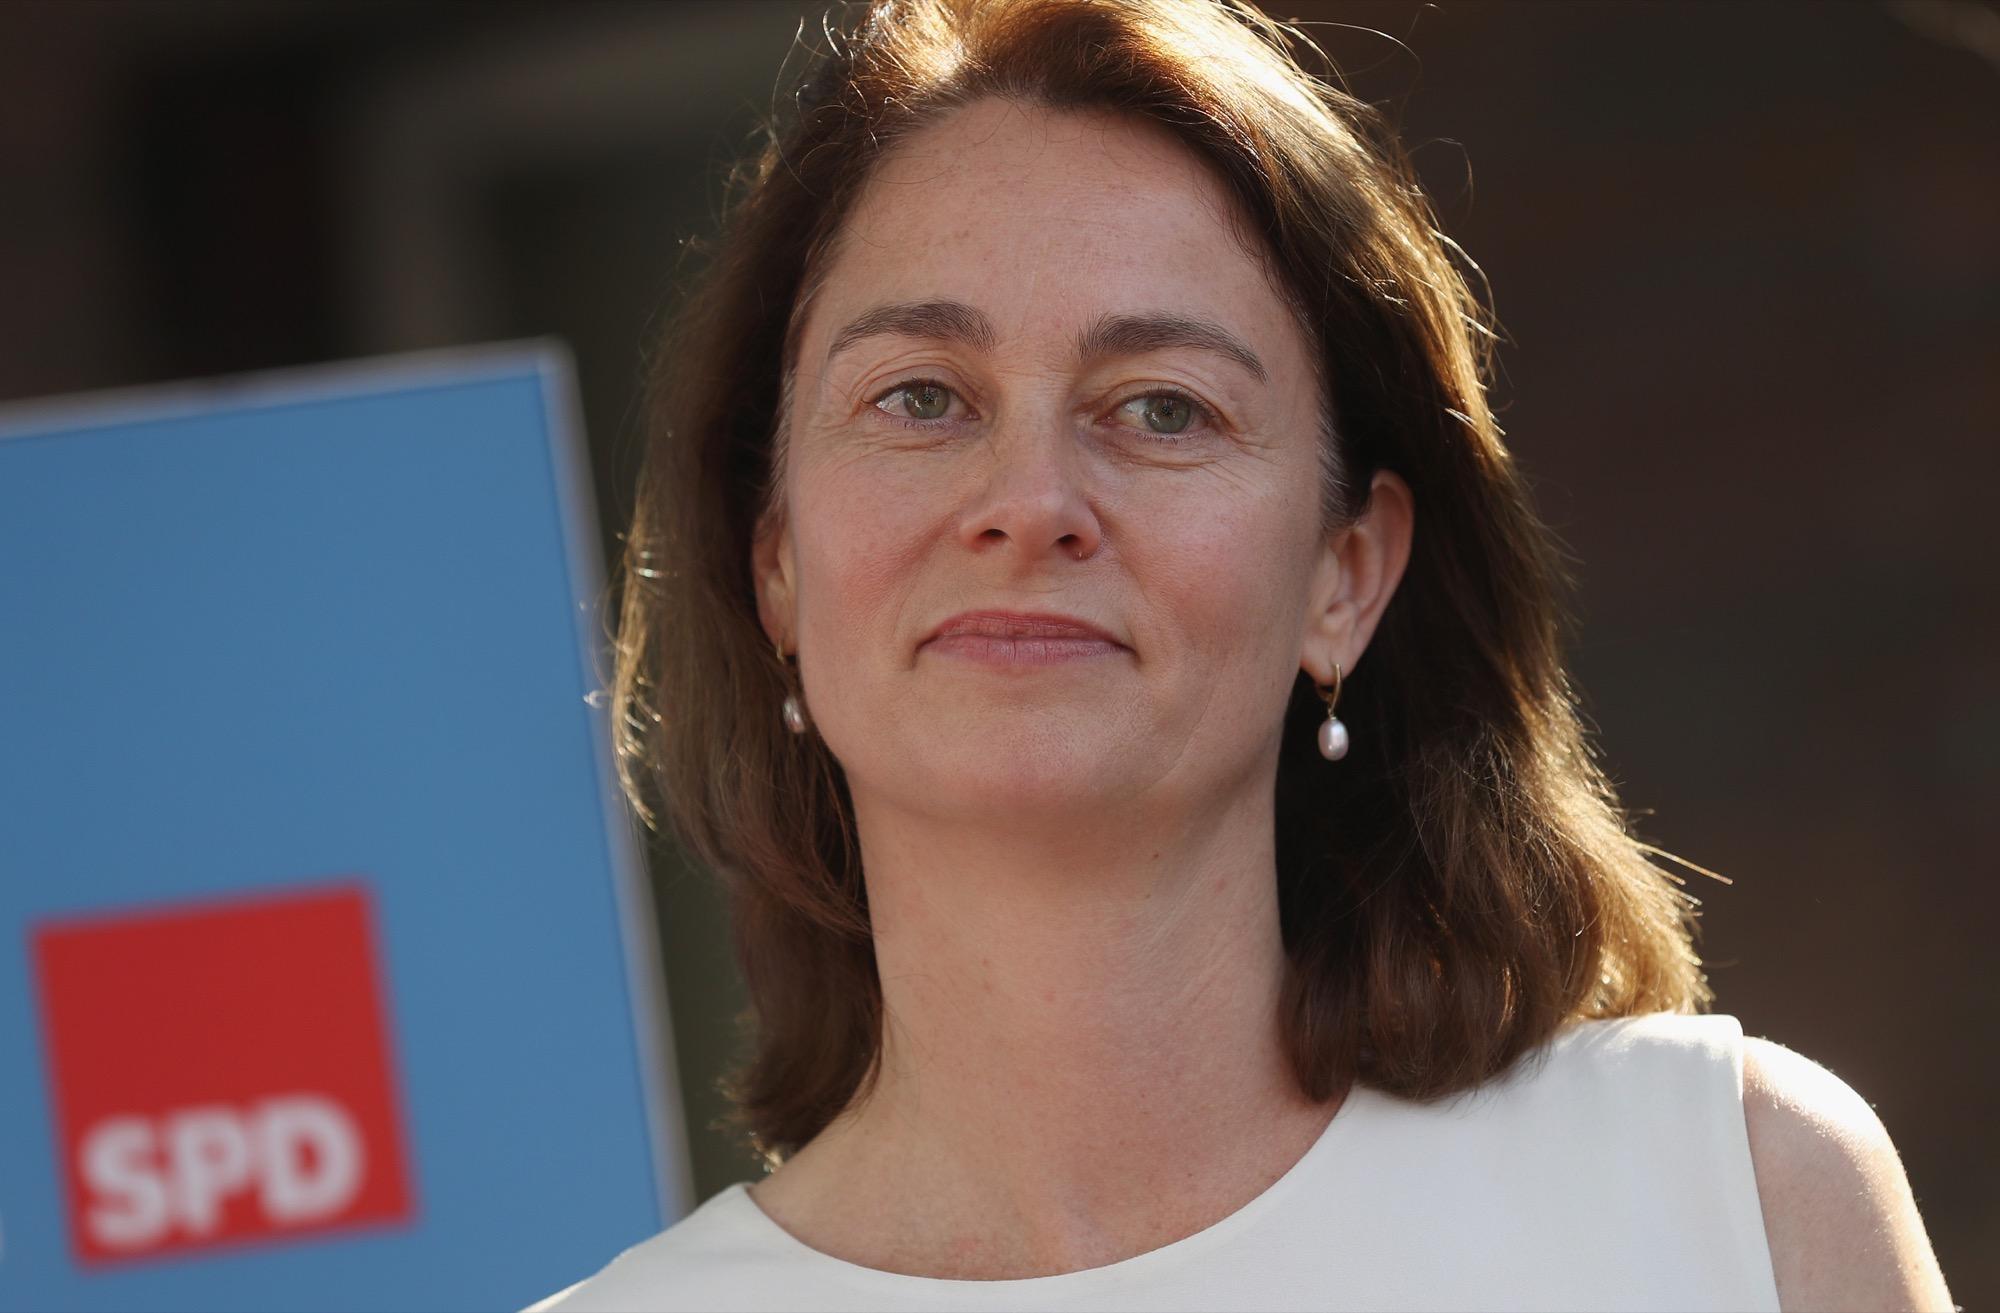 Katarina barley wie tickt die neue familienministerin for Www brigitte de